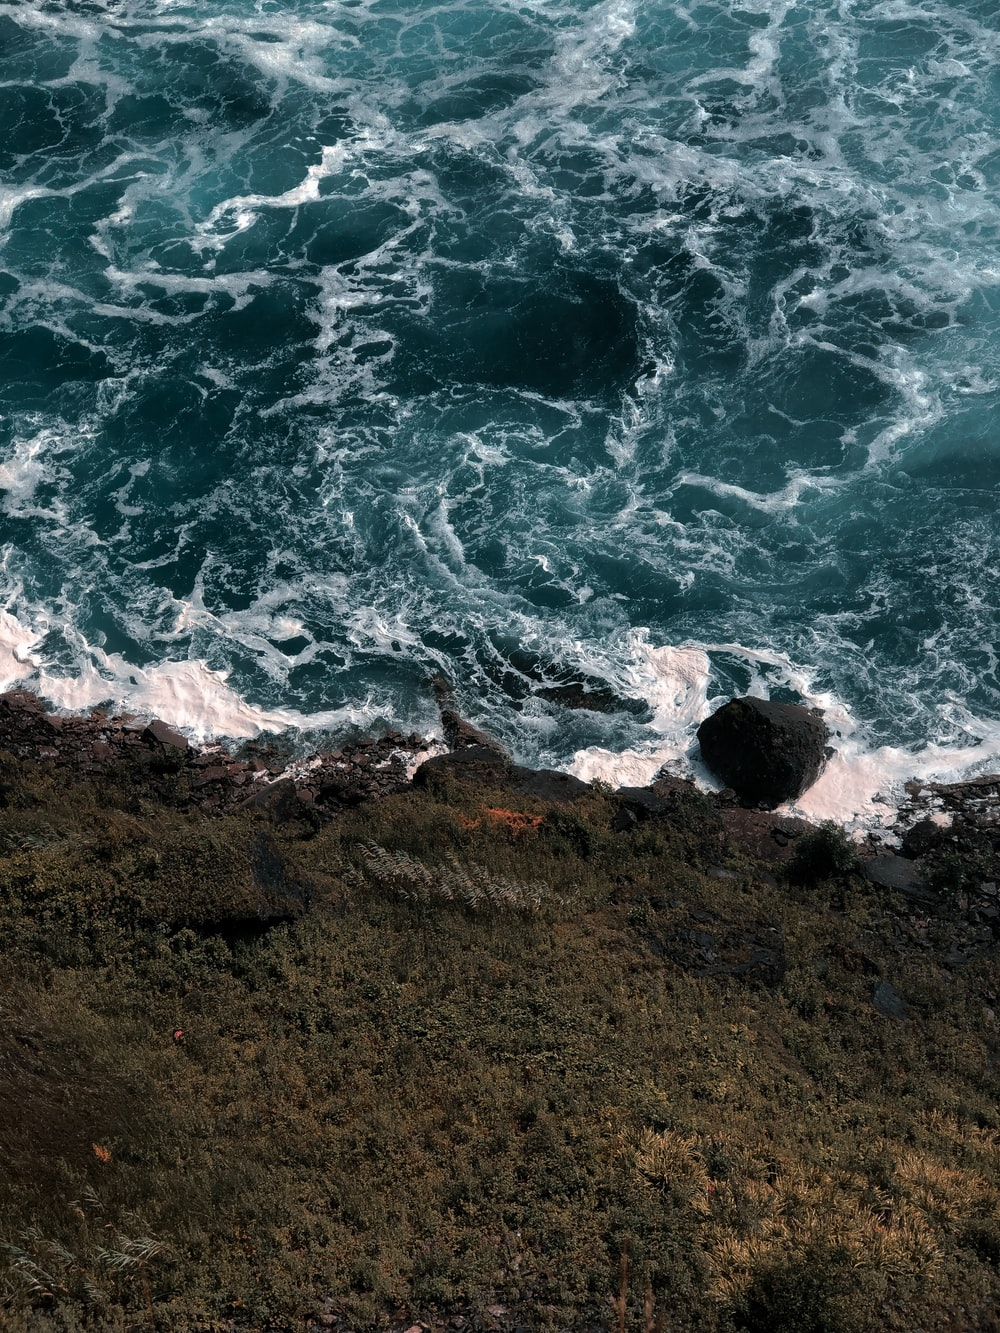 bird's-eye view photo of water